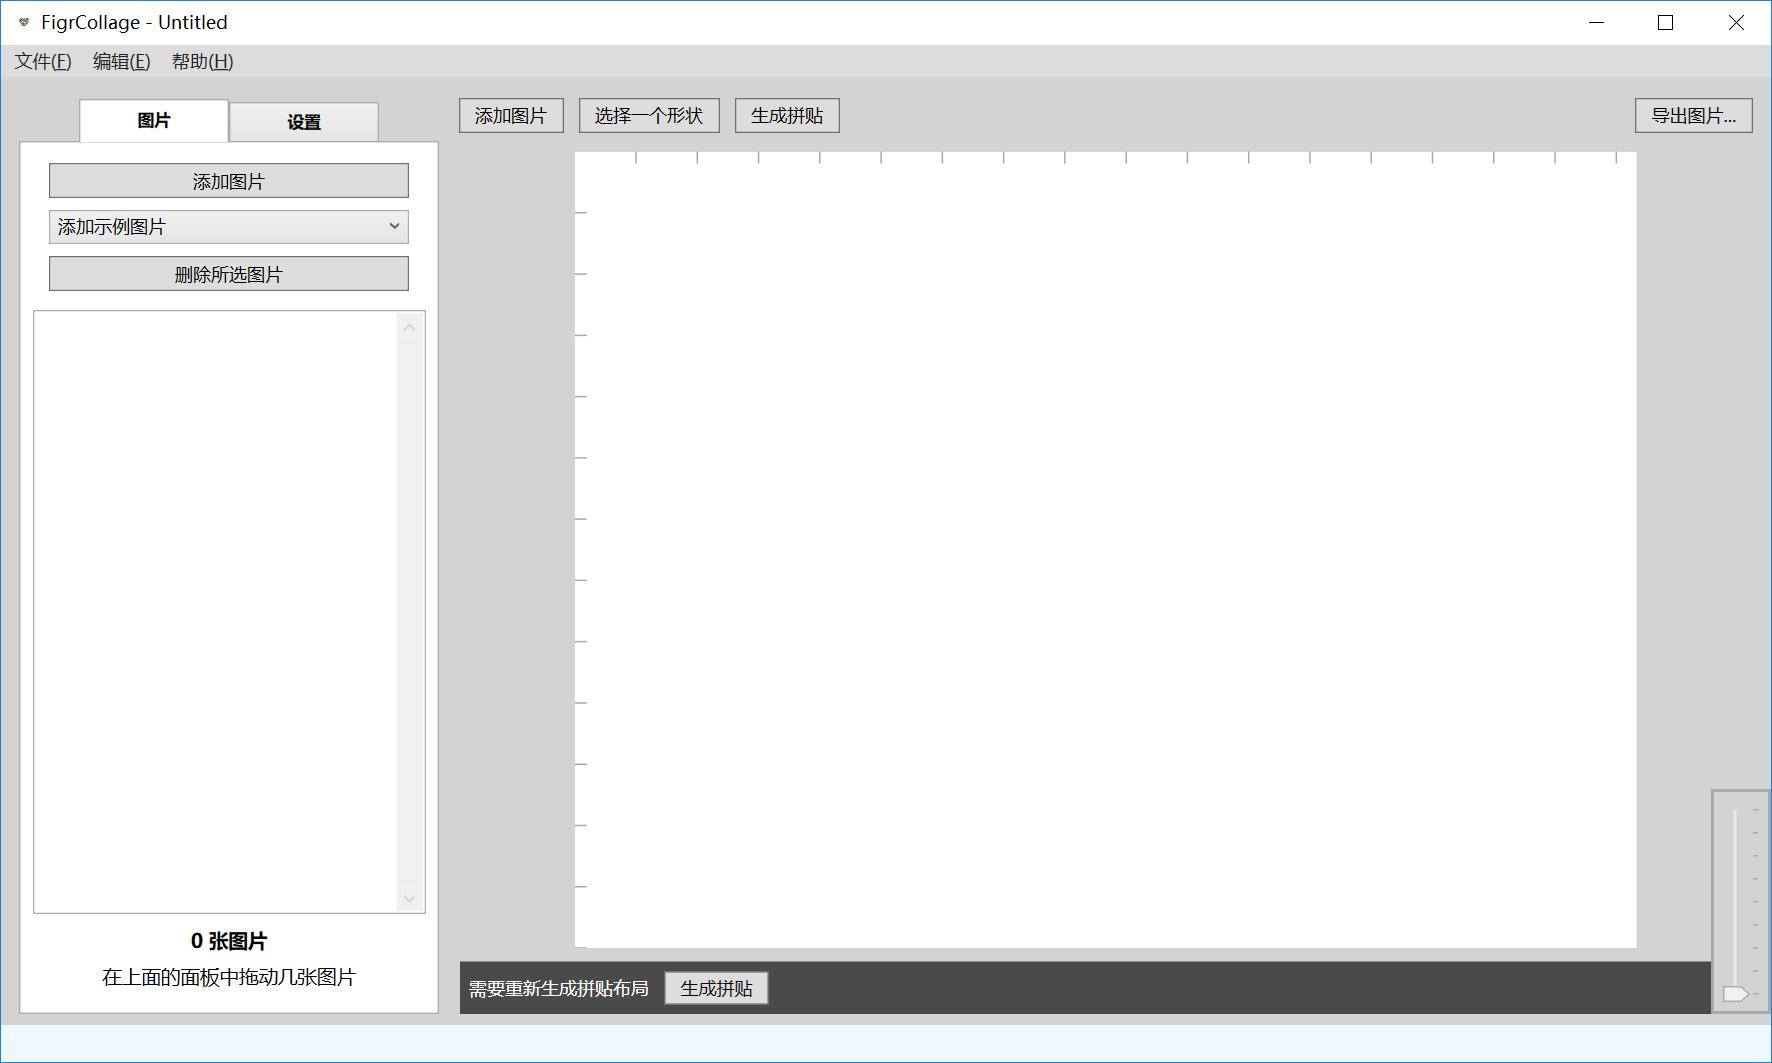 照片拼贴软件 FigrCollage破解版 v3.0.1 中文破解版(附破解补丁)